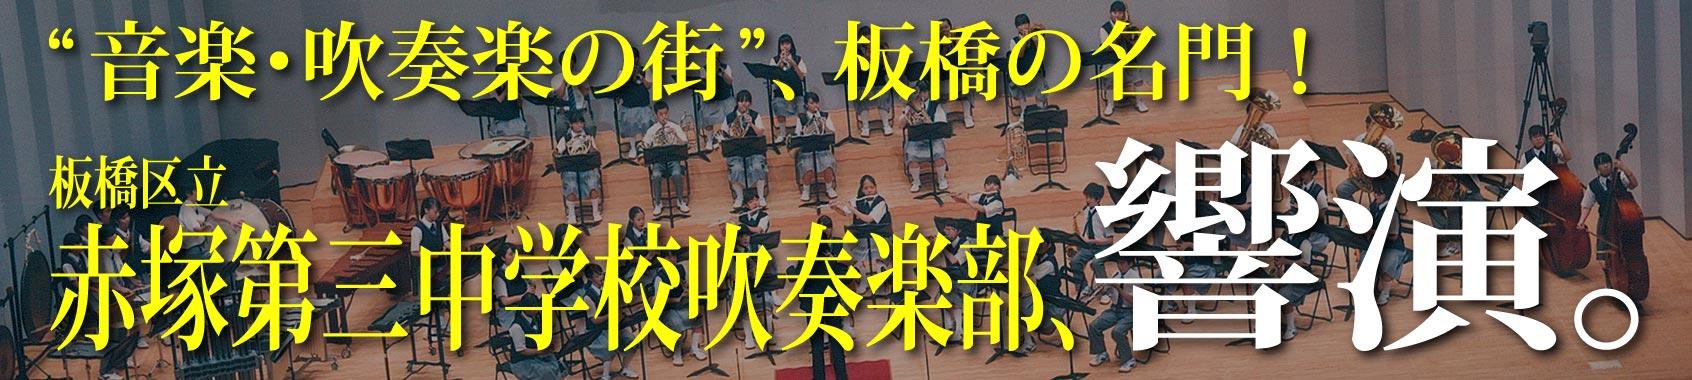 音楽・吹奏楽の街、板橋の名門!! 板橋区立赤塚第三中学校吹奏楽部と響演